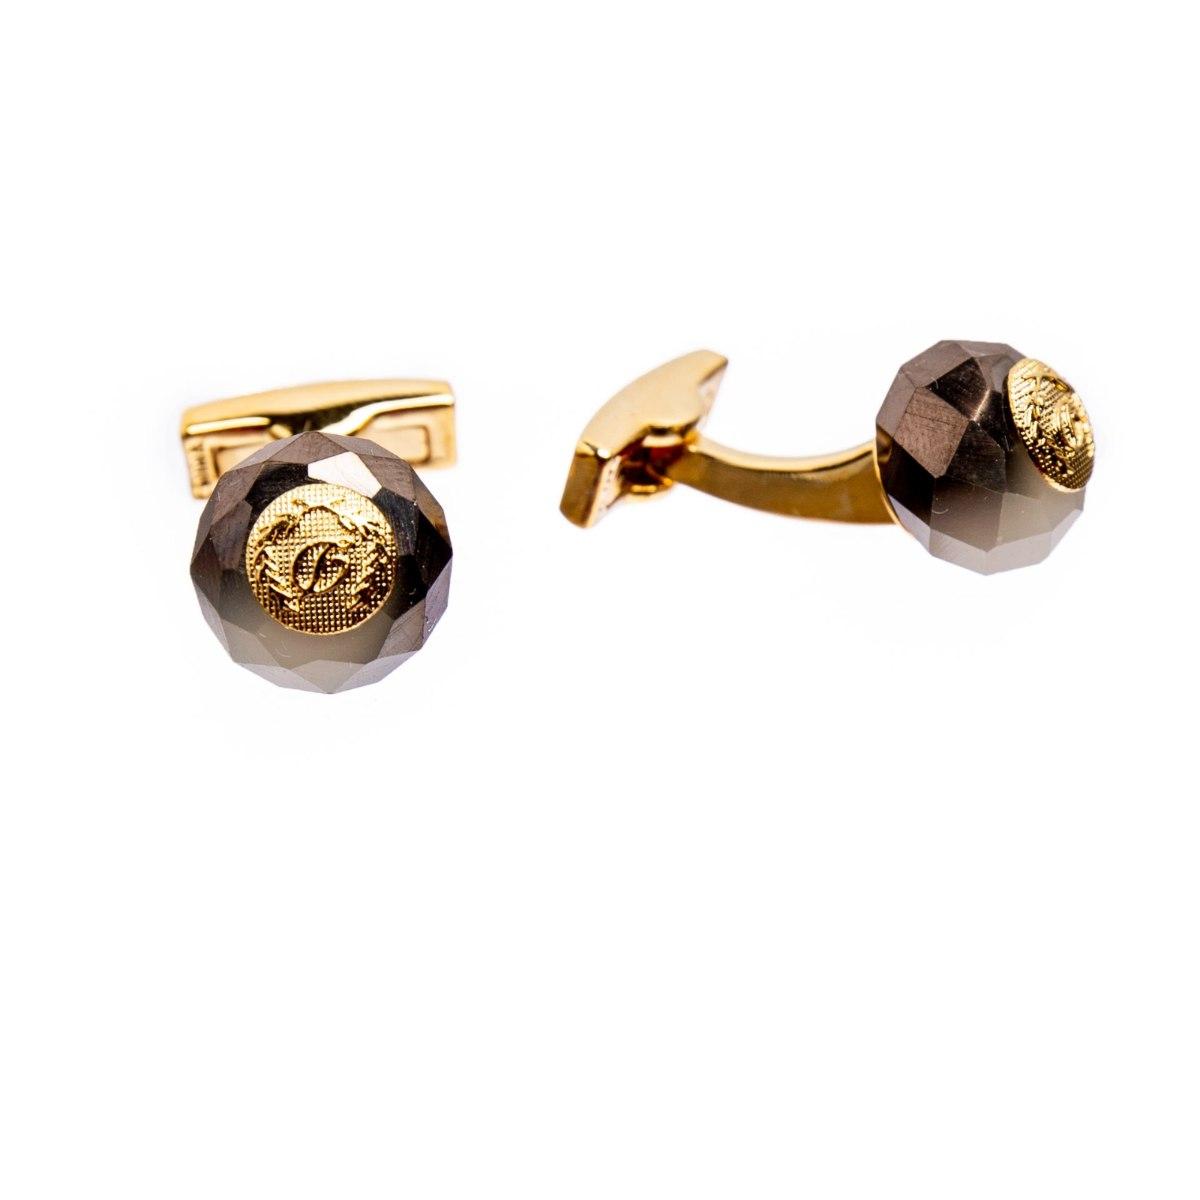 חפת אבן משושה גוון זהב שנהב